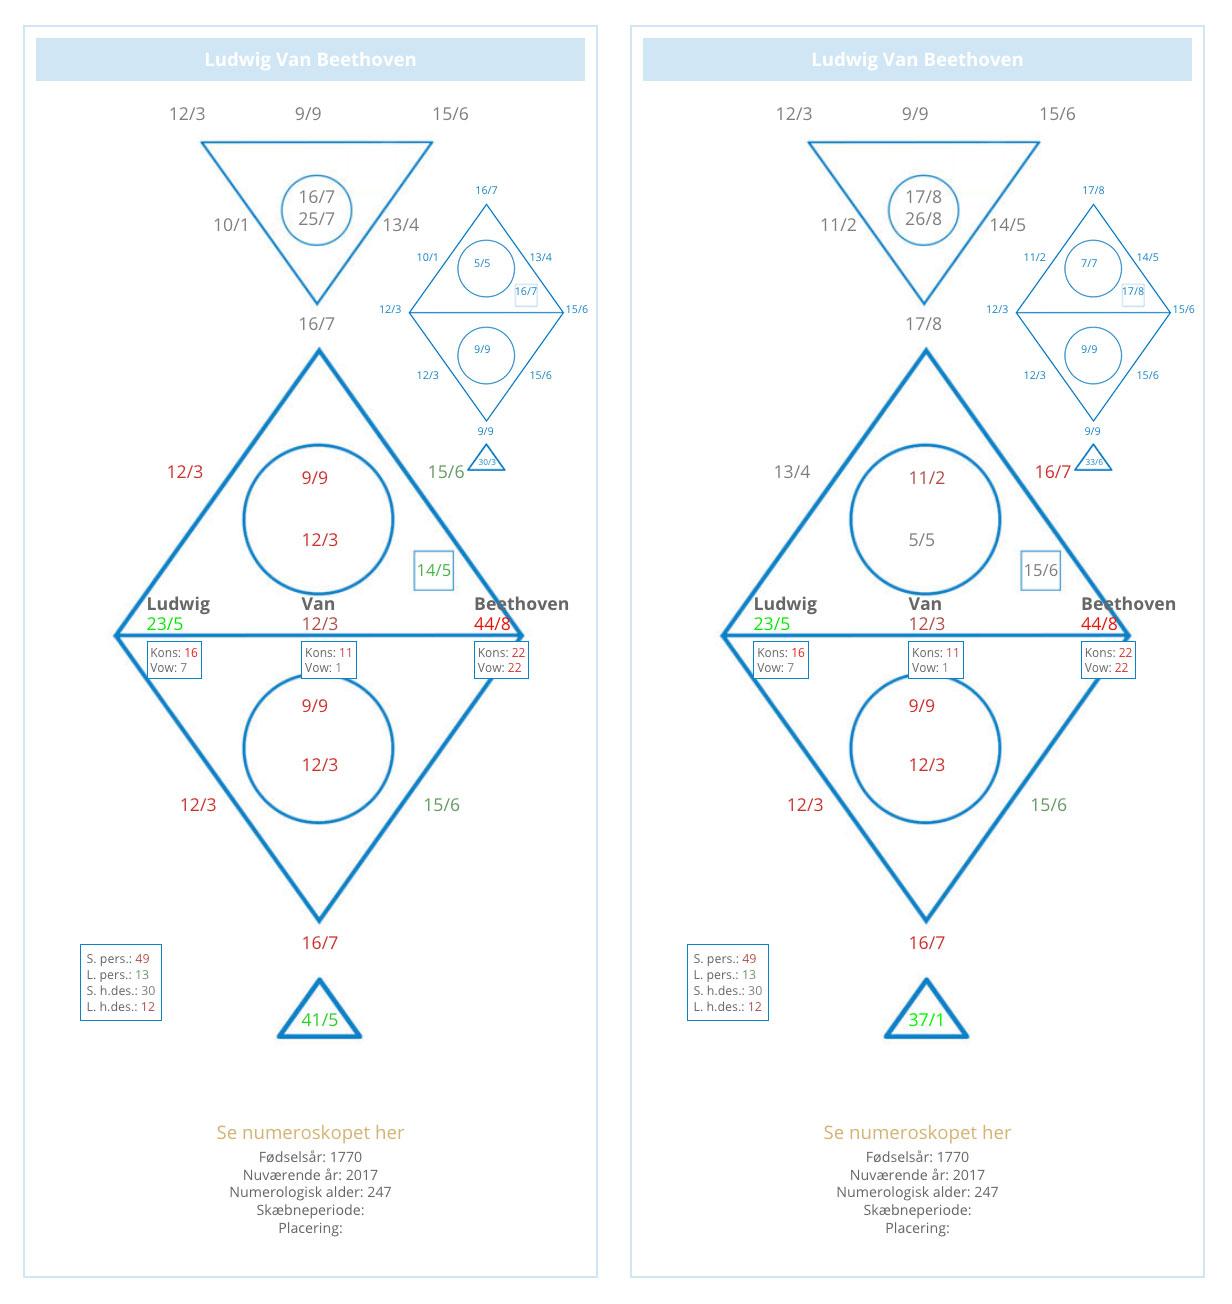 Beethovens numeroskoper taget fra software systemet Numerologist PRO